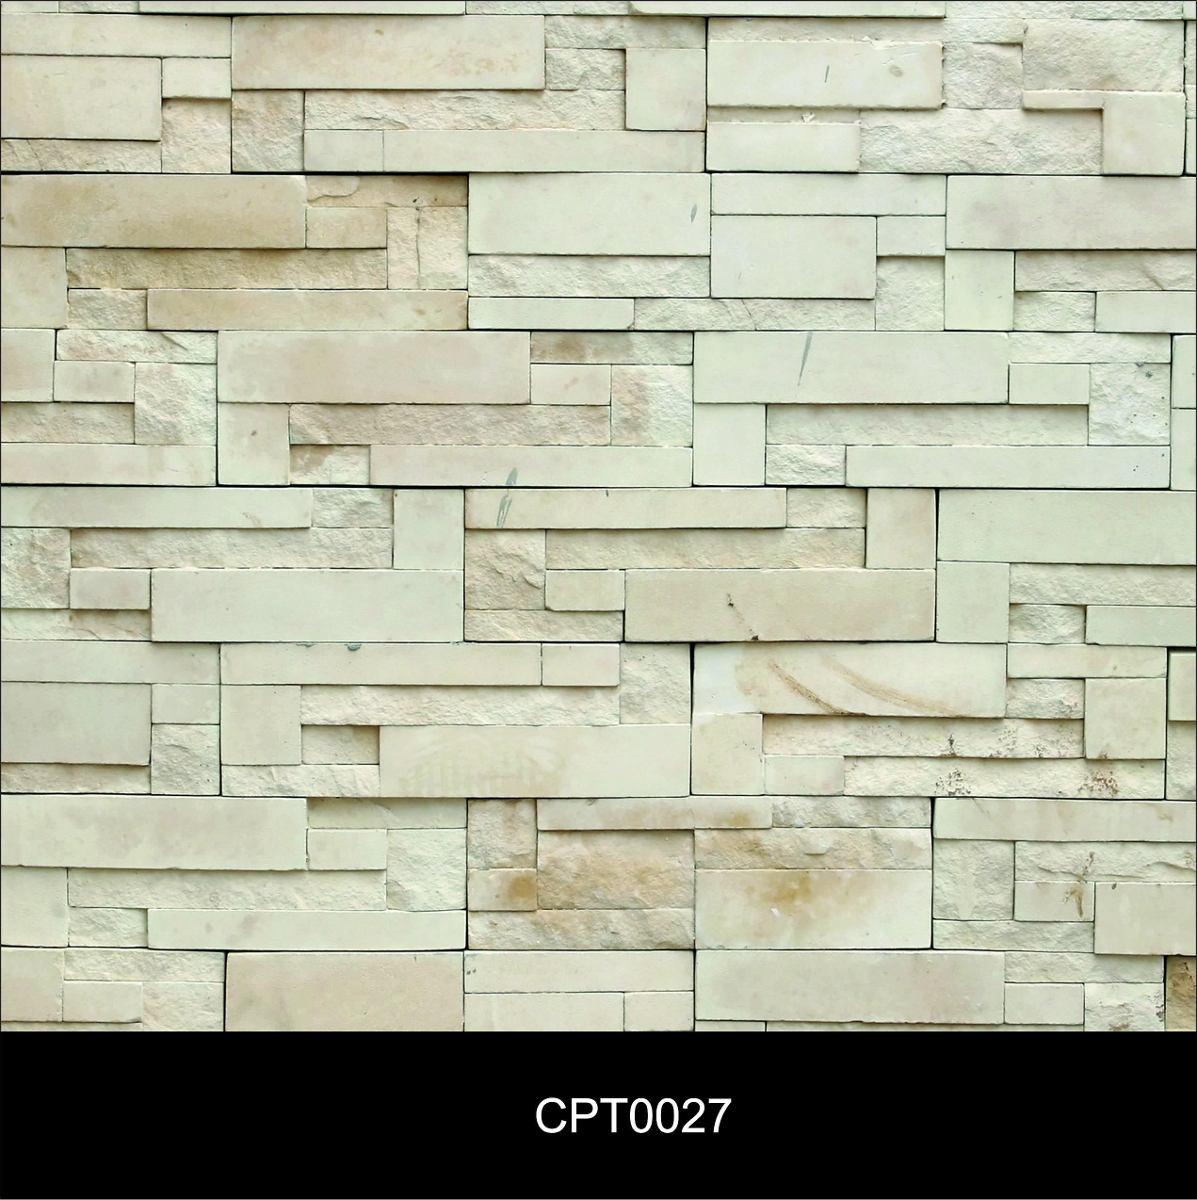 Papel De Parede Pedra Canjiquinha 3d Autocolante Classico R 49 90  -> Papel De Parede De Pedra